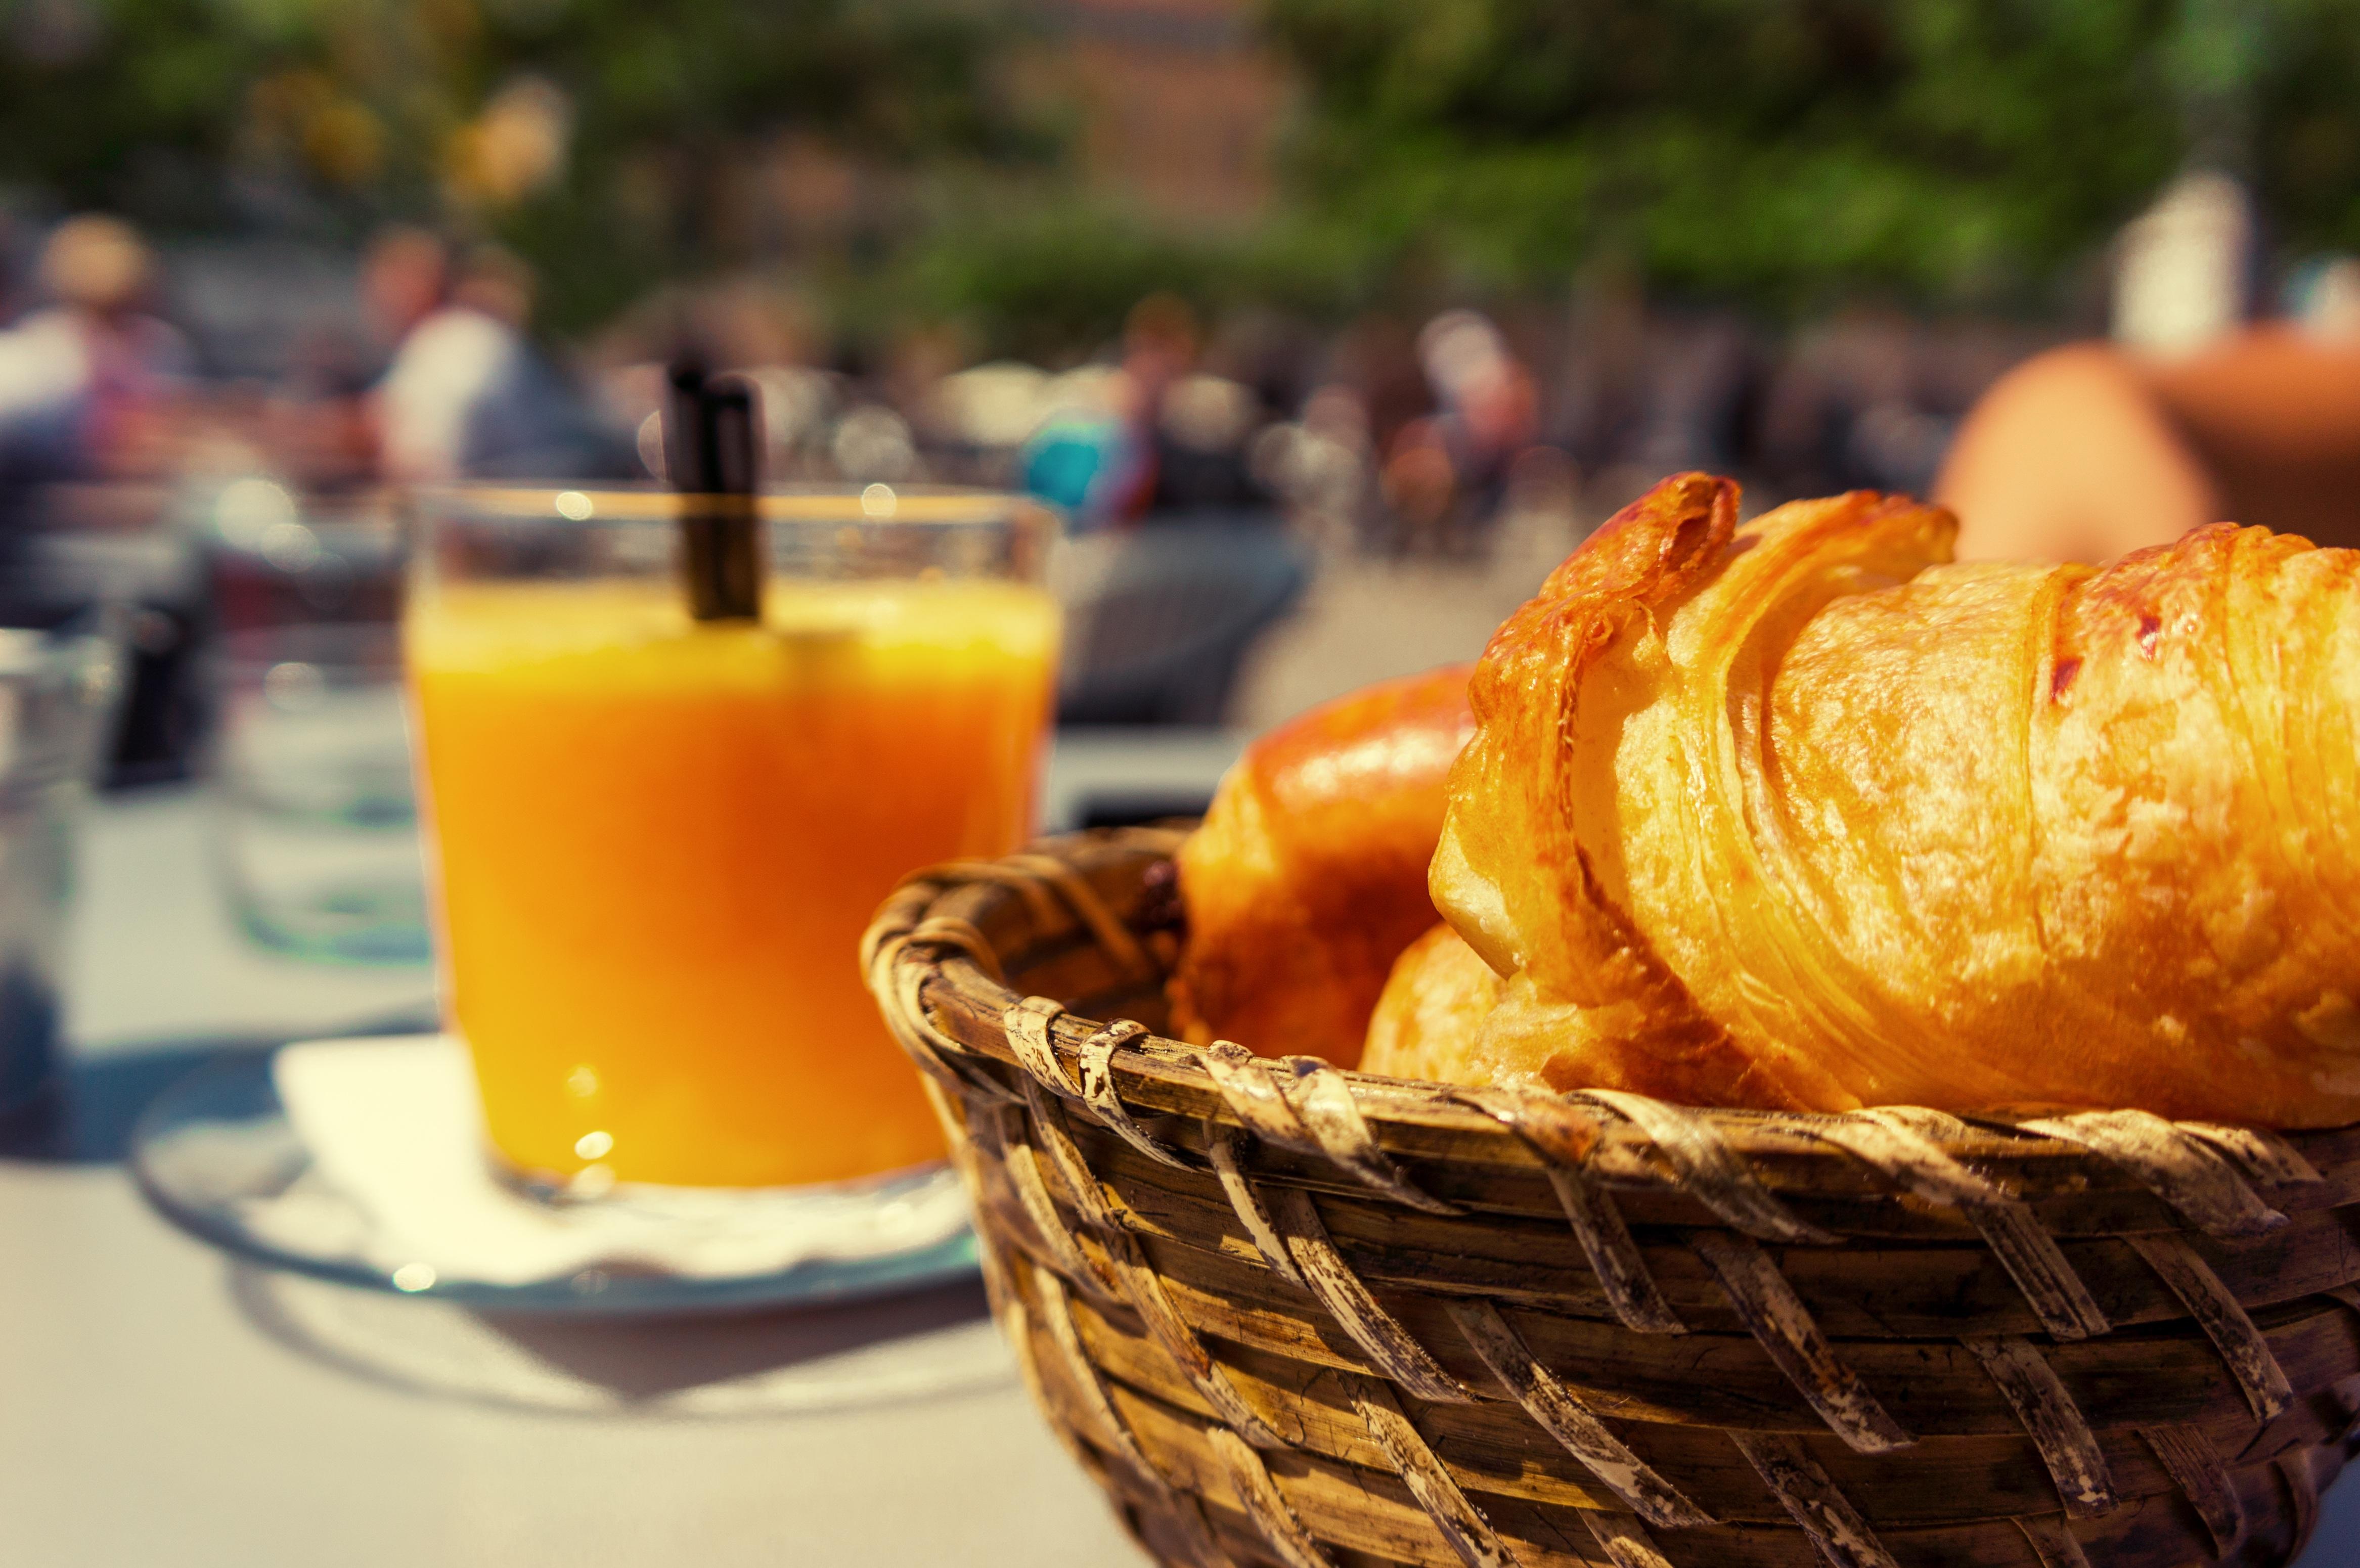 réservez votre petit-déjeuner en gîte / book your breakfast in holiday rental